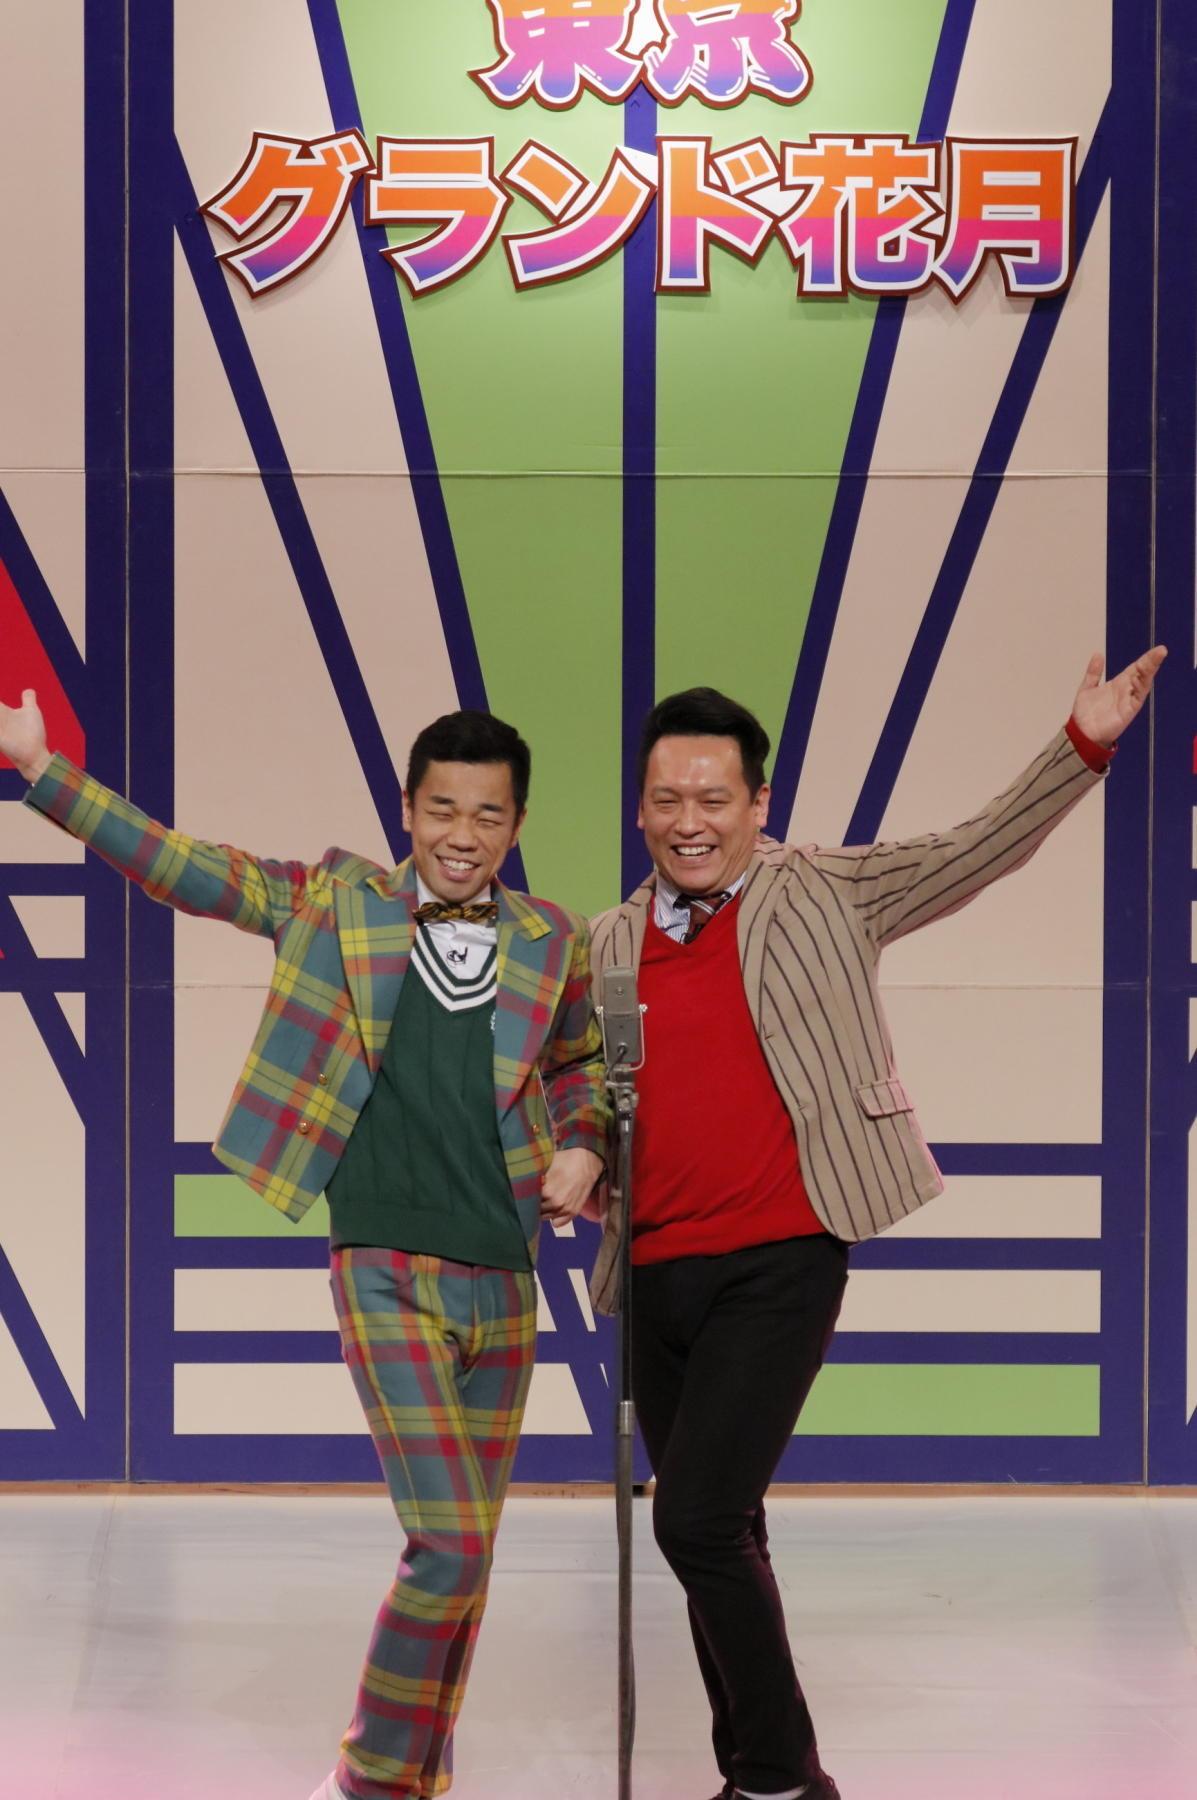 http://news.yoshimoto.co.jp/20180311221138-ef4e624982c91ebb48e28351c6dff5bca1ae0454.jpg